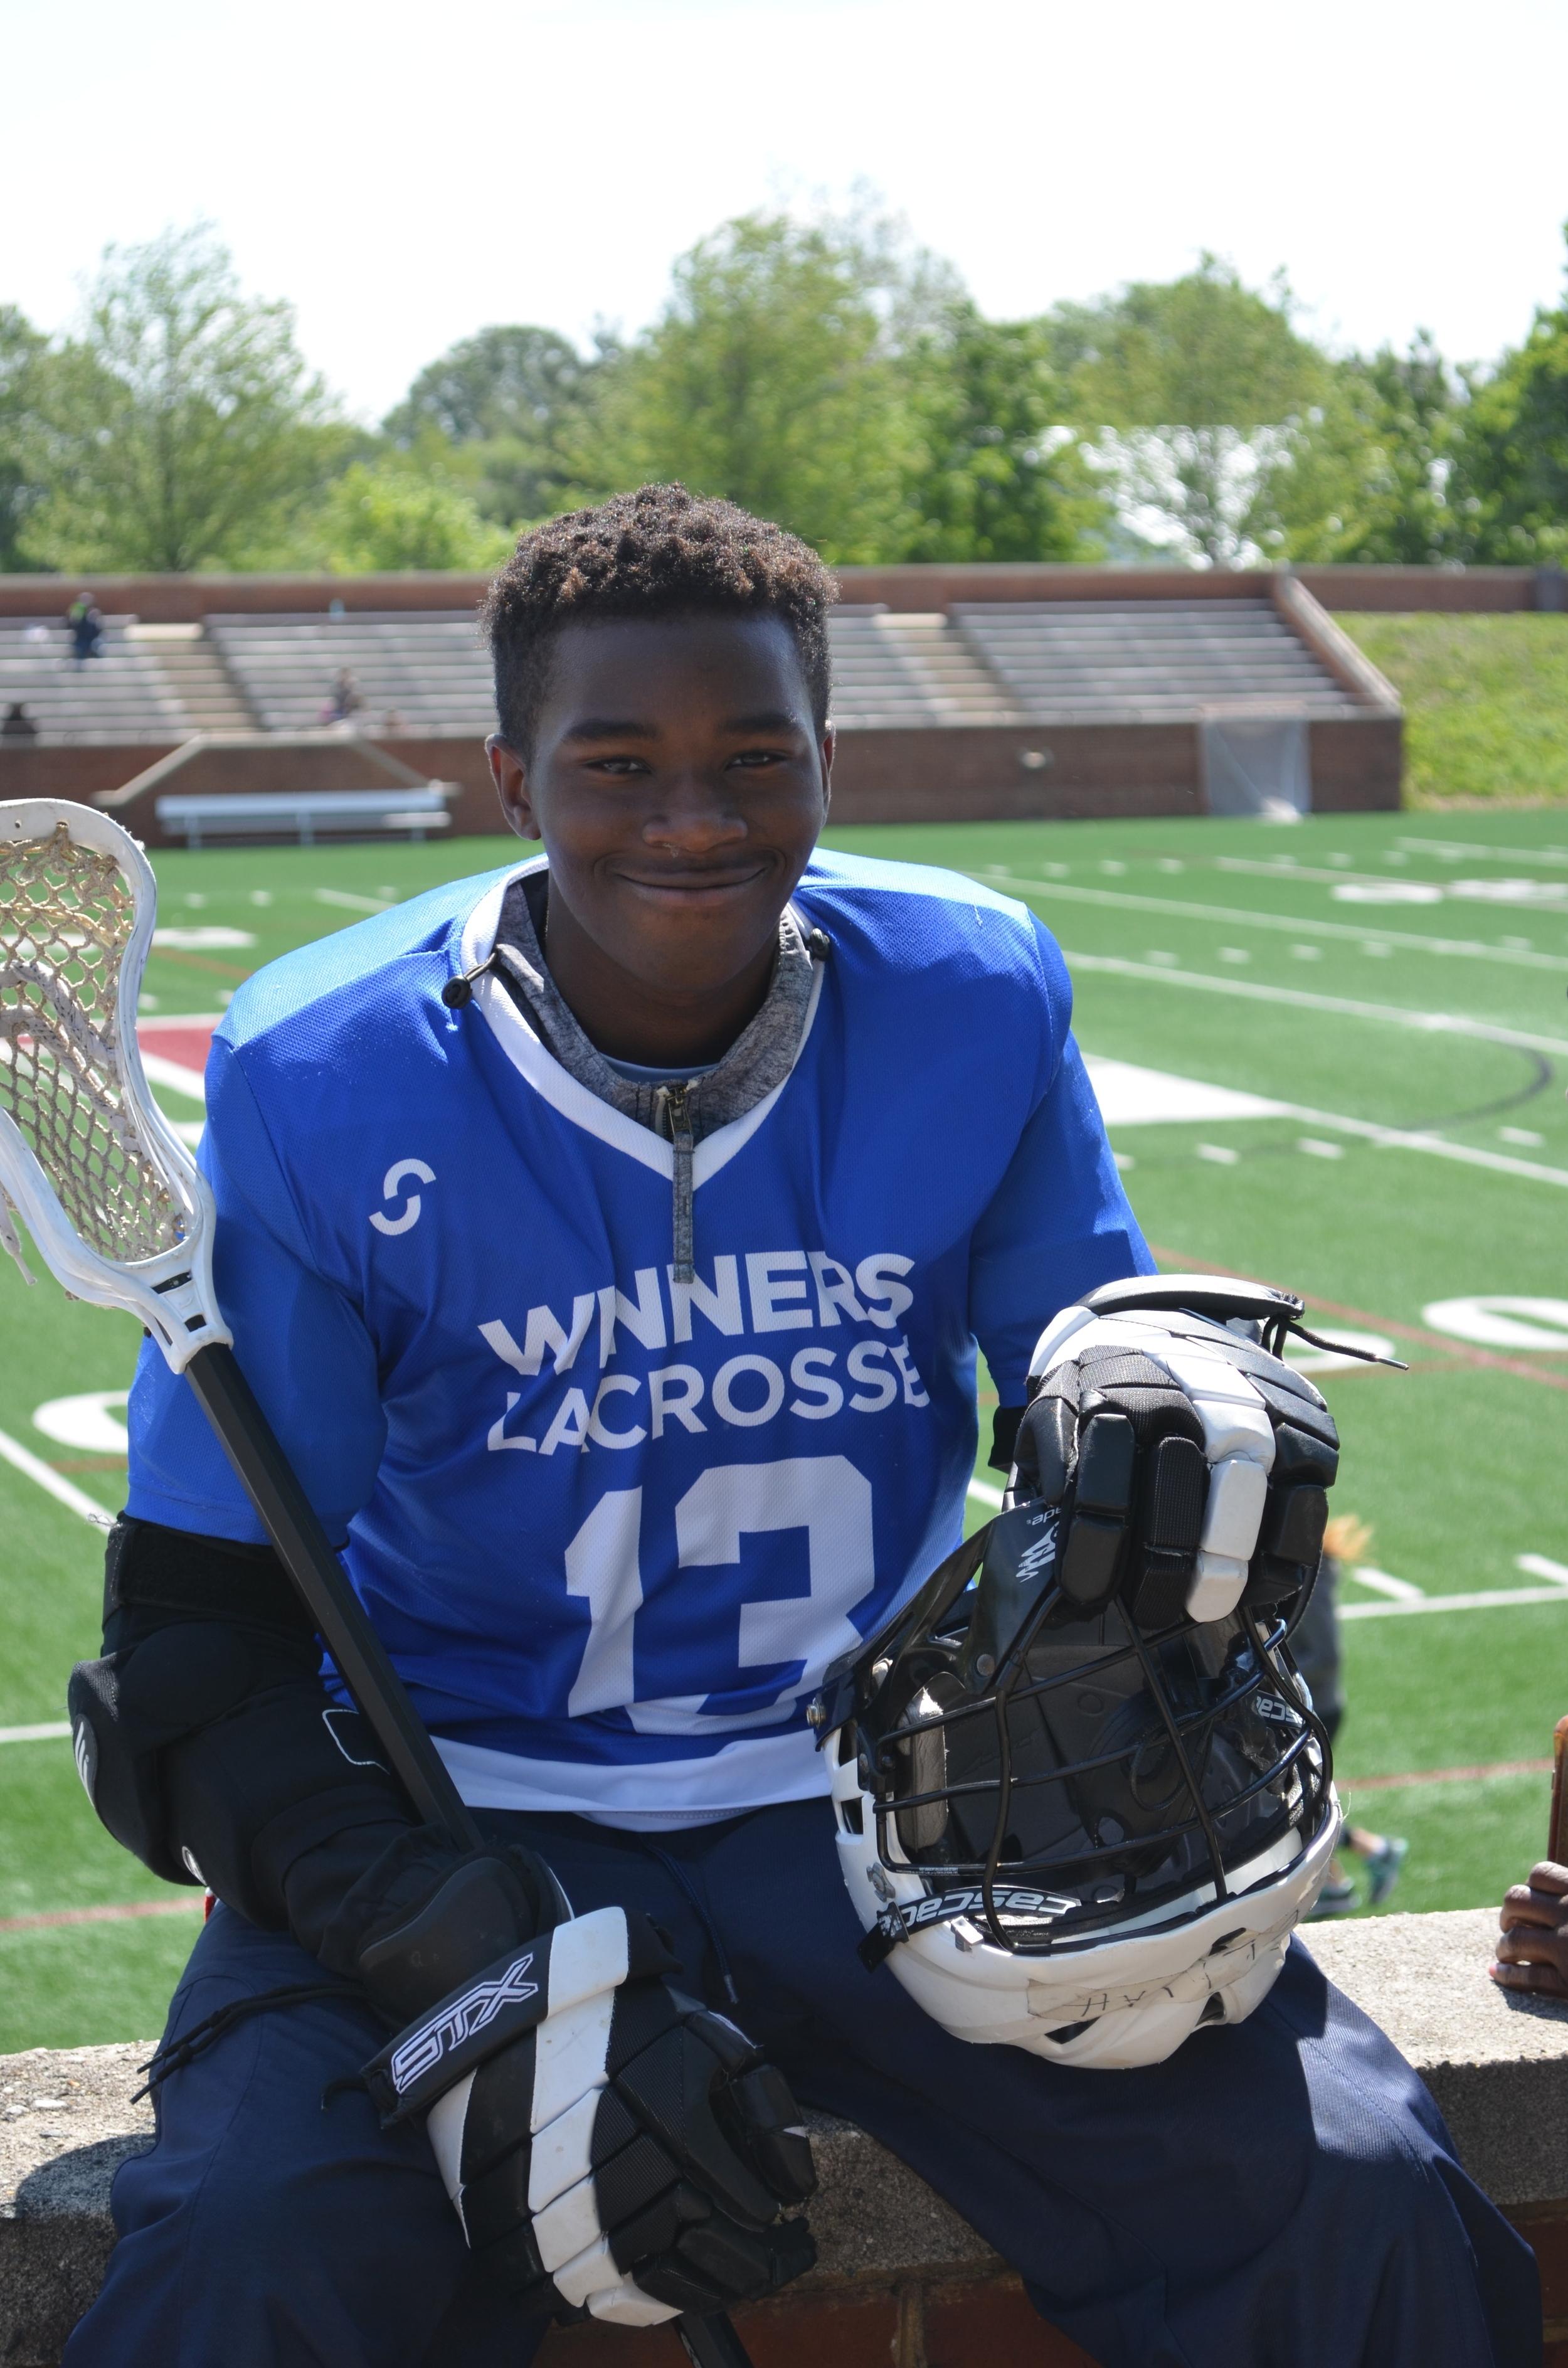 WINNERS Lacrosse Alice Deal Middle School Boys Lacrosse Player